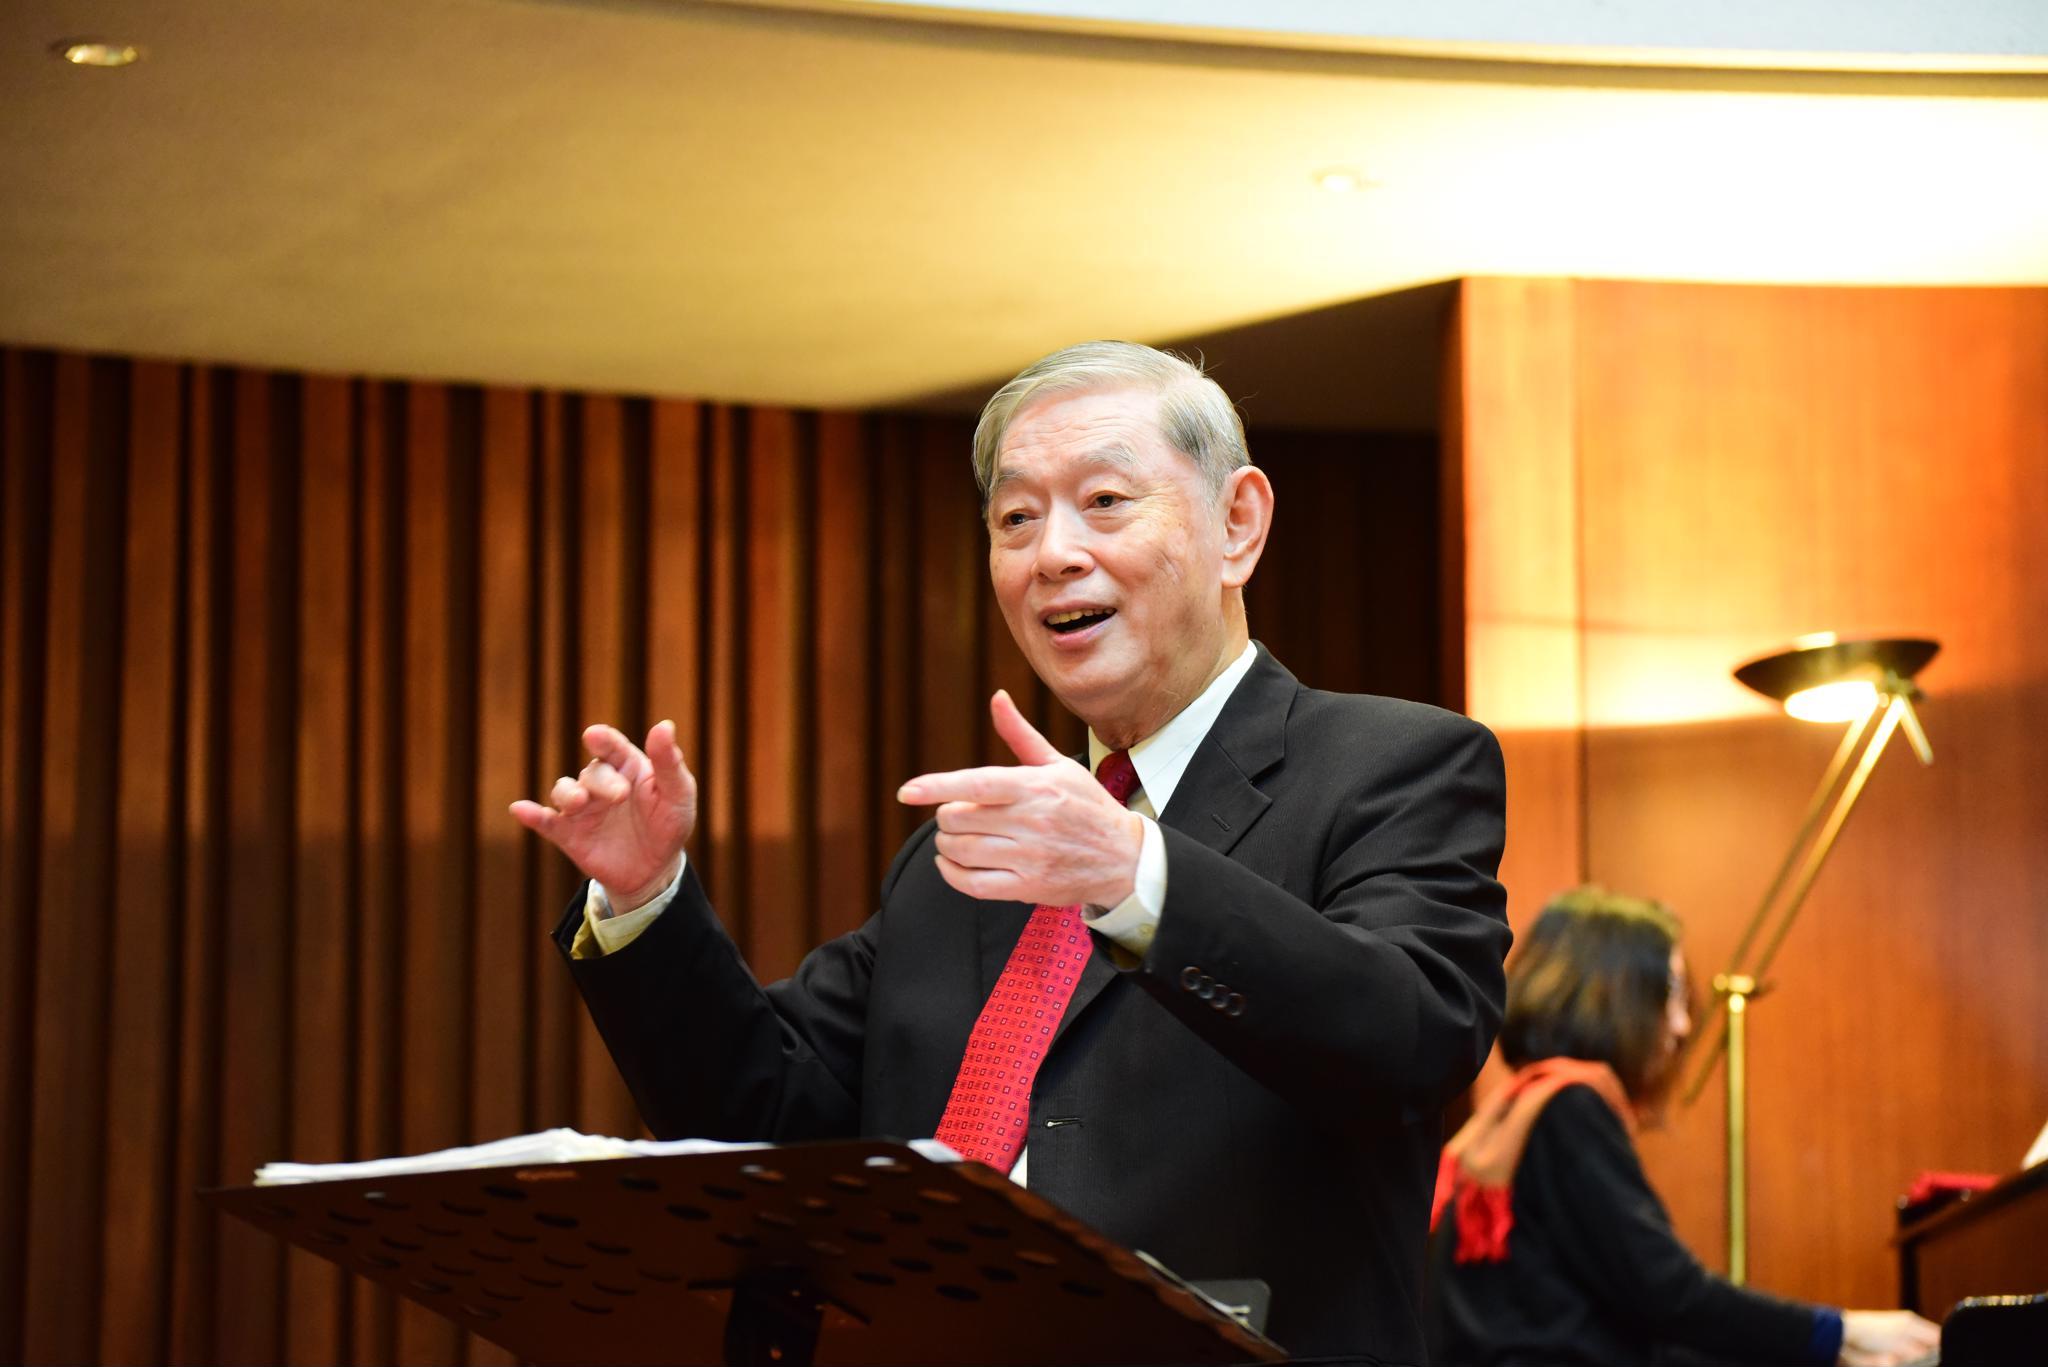 43年的詩班指揮  校牧室柯德仁手指音符 化做幸福樂音 詠讚人間